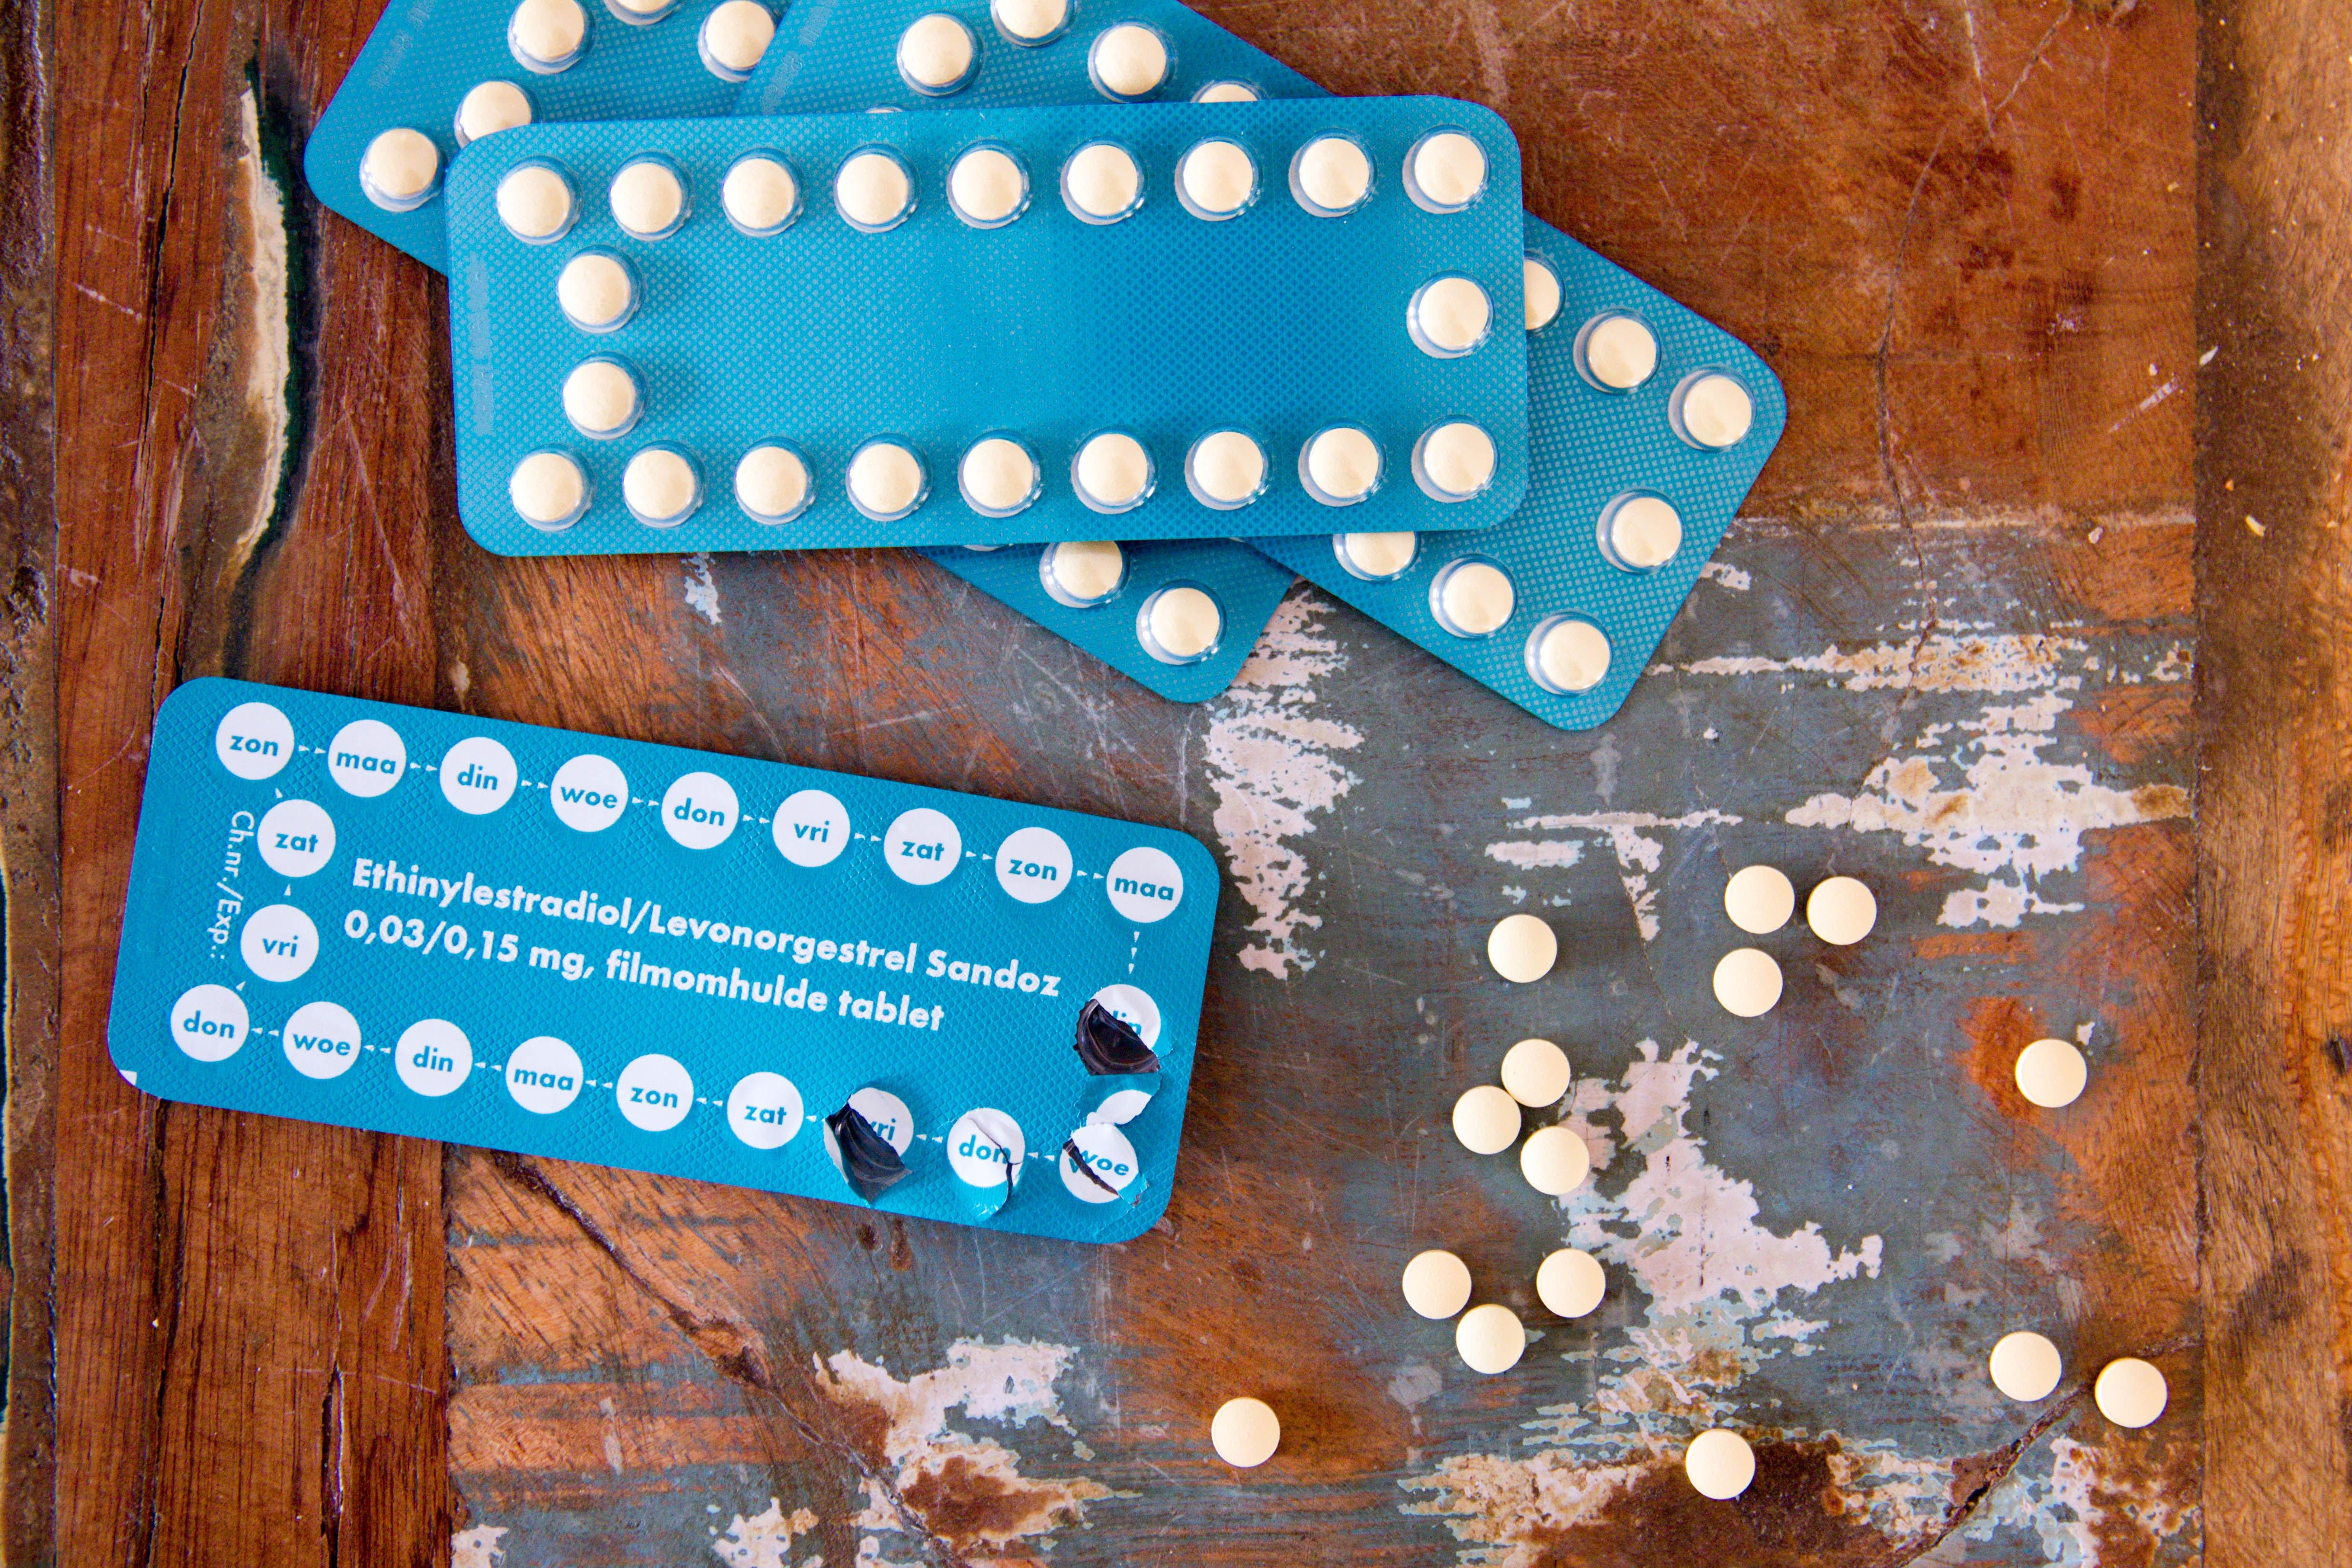 Pille absetzen und dann alle Informationen auf meinem Modeblog